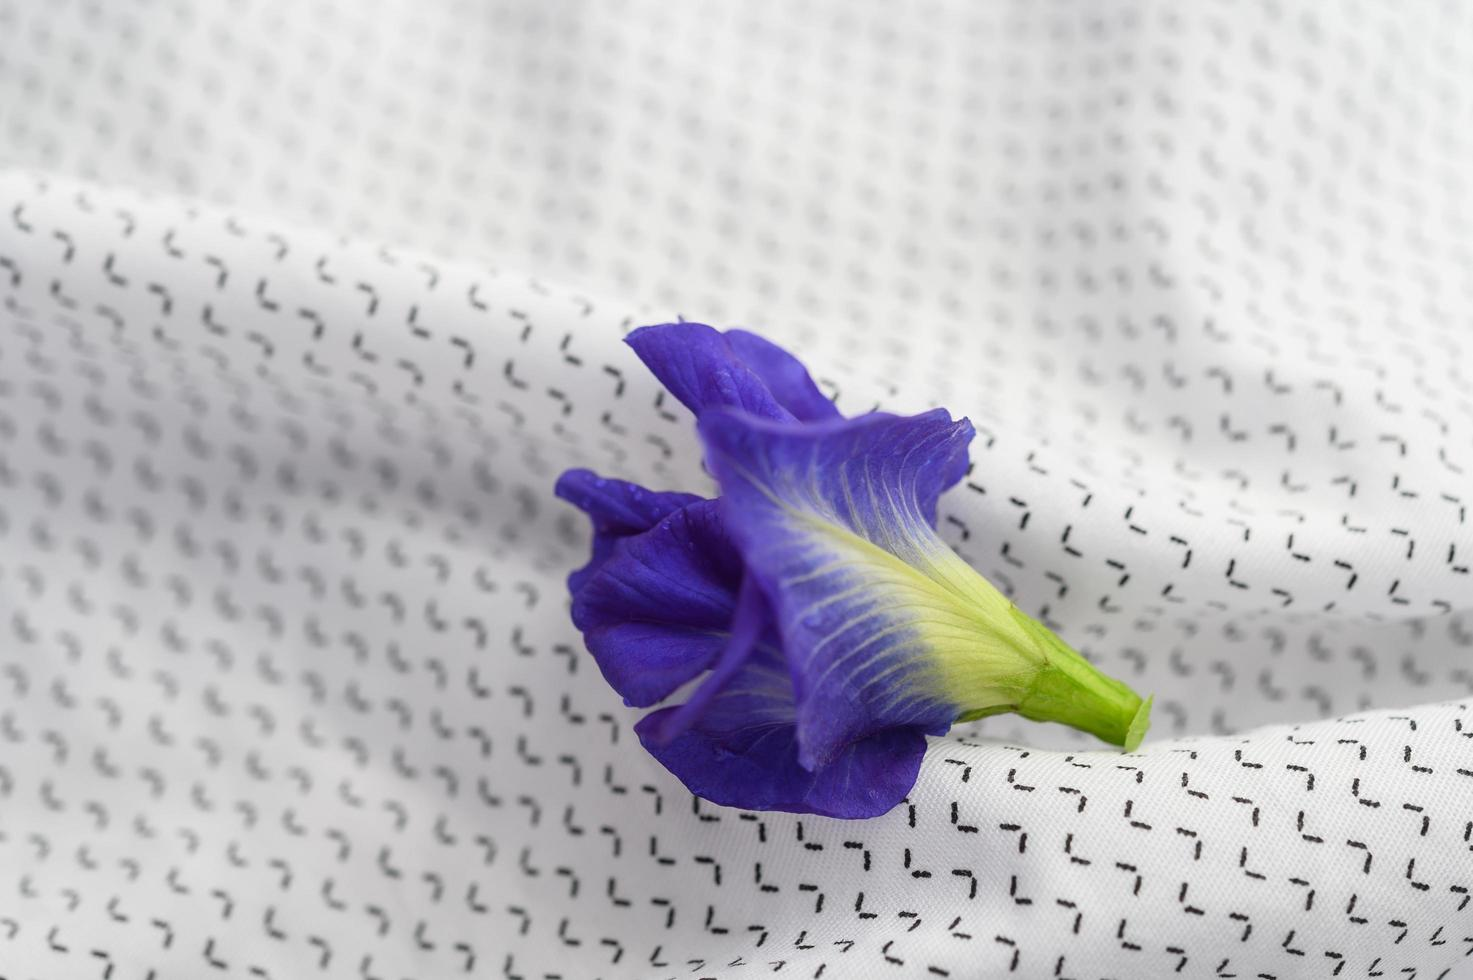 flor de guisante mariposa azul foto